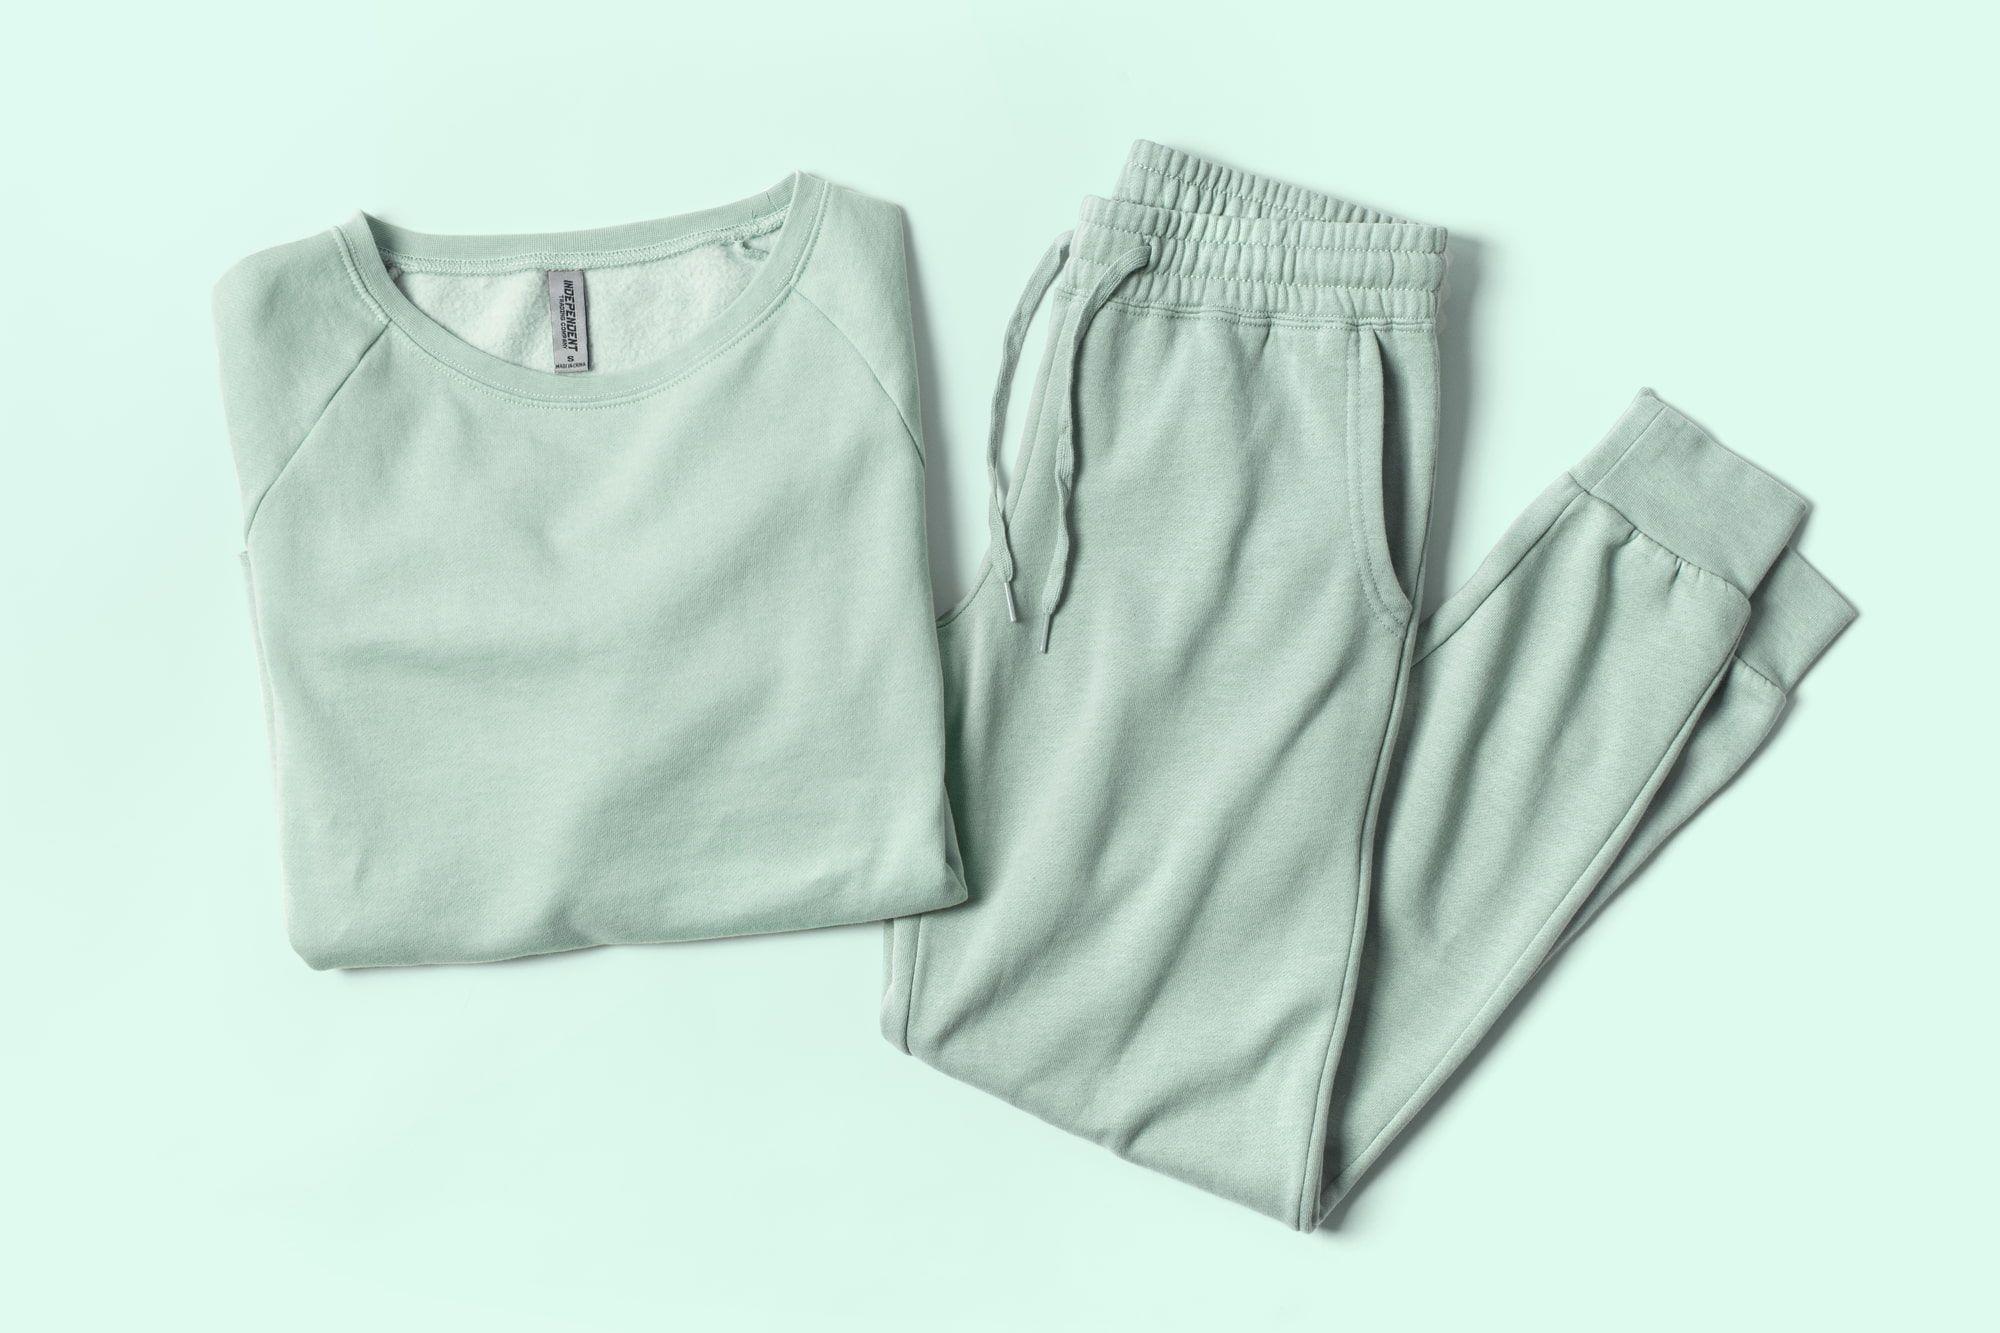 Flatlay image of garment washed fleece sweatpants and sweatshirt.